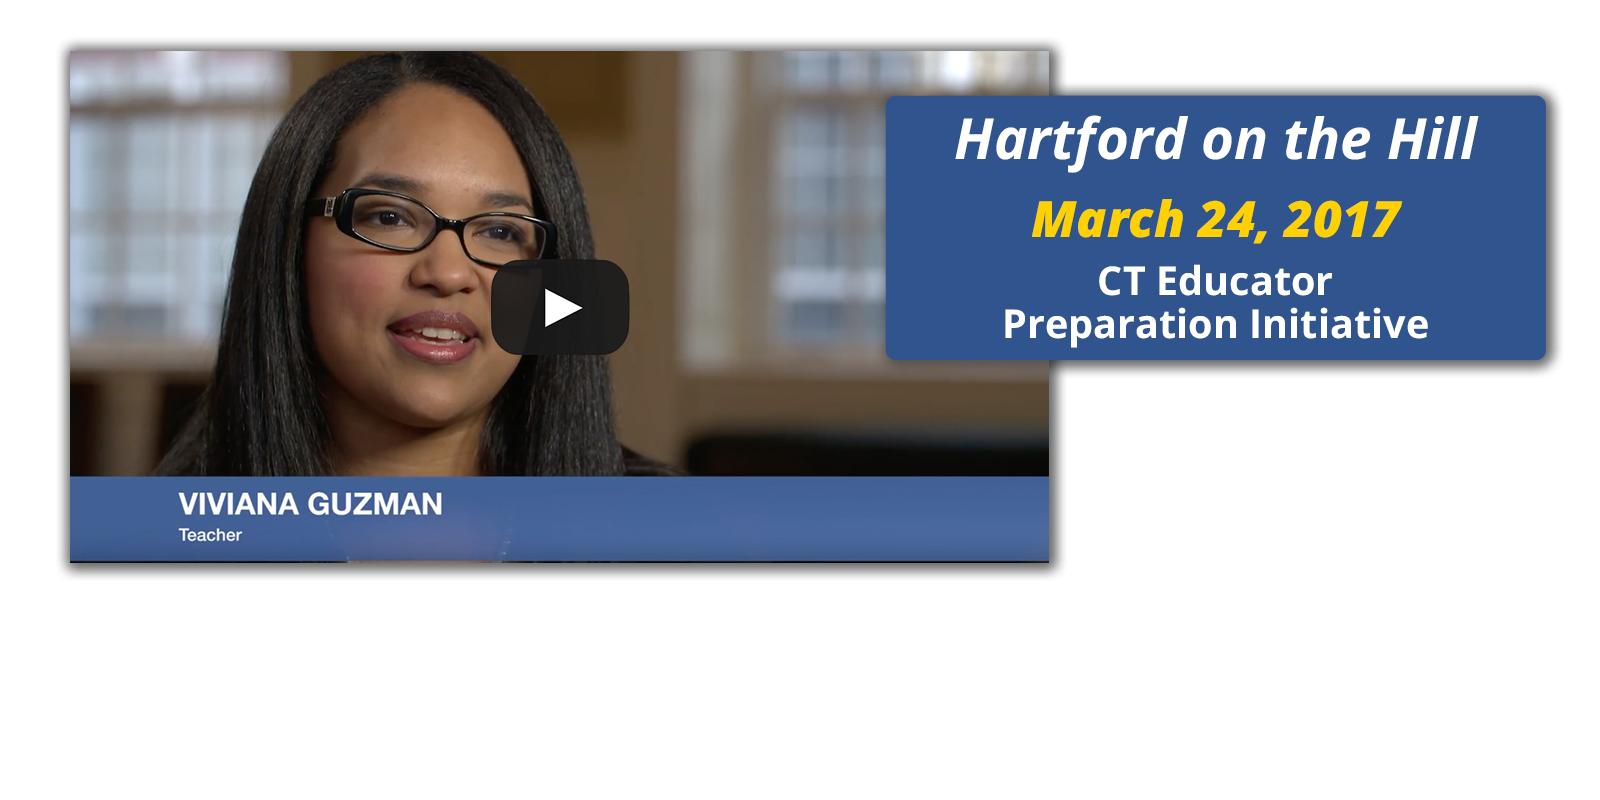 Connecticut Educator Preparation Initiative 2017